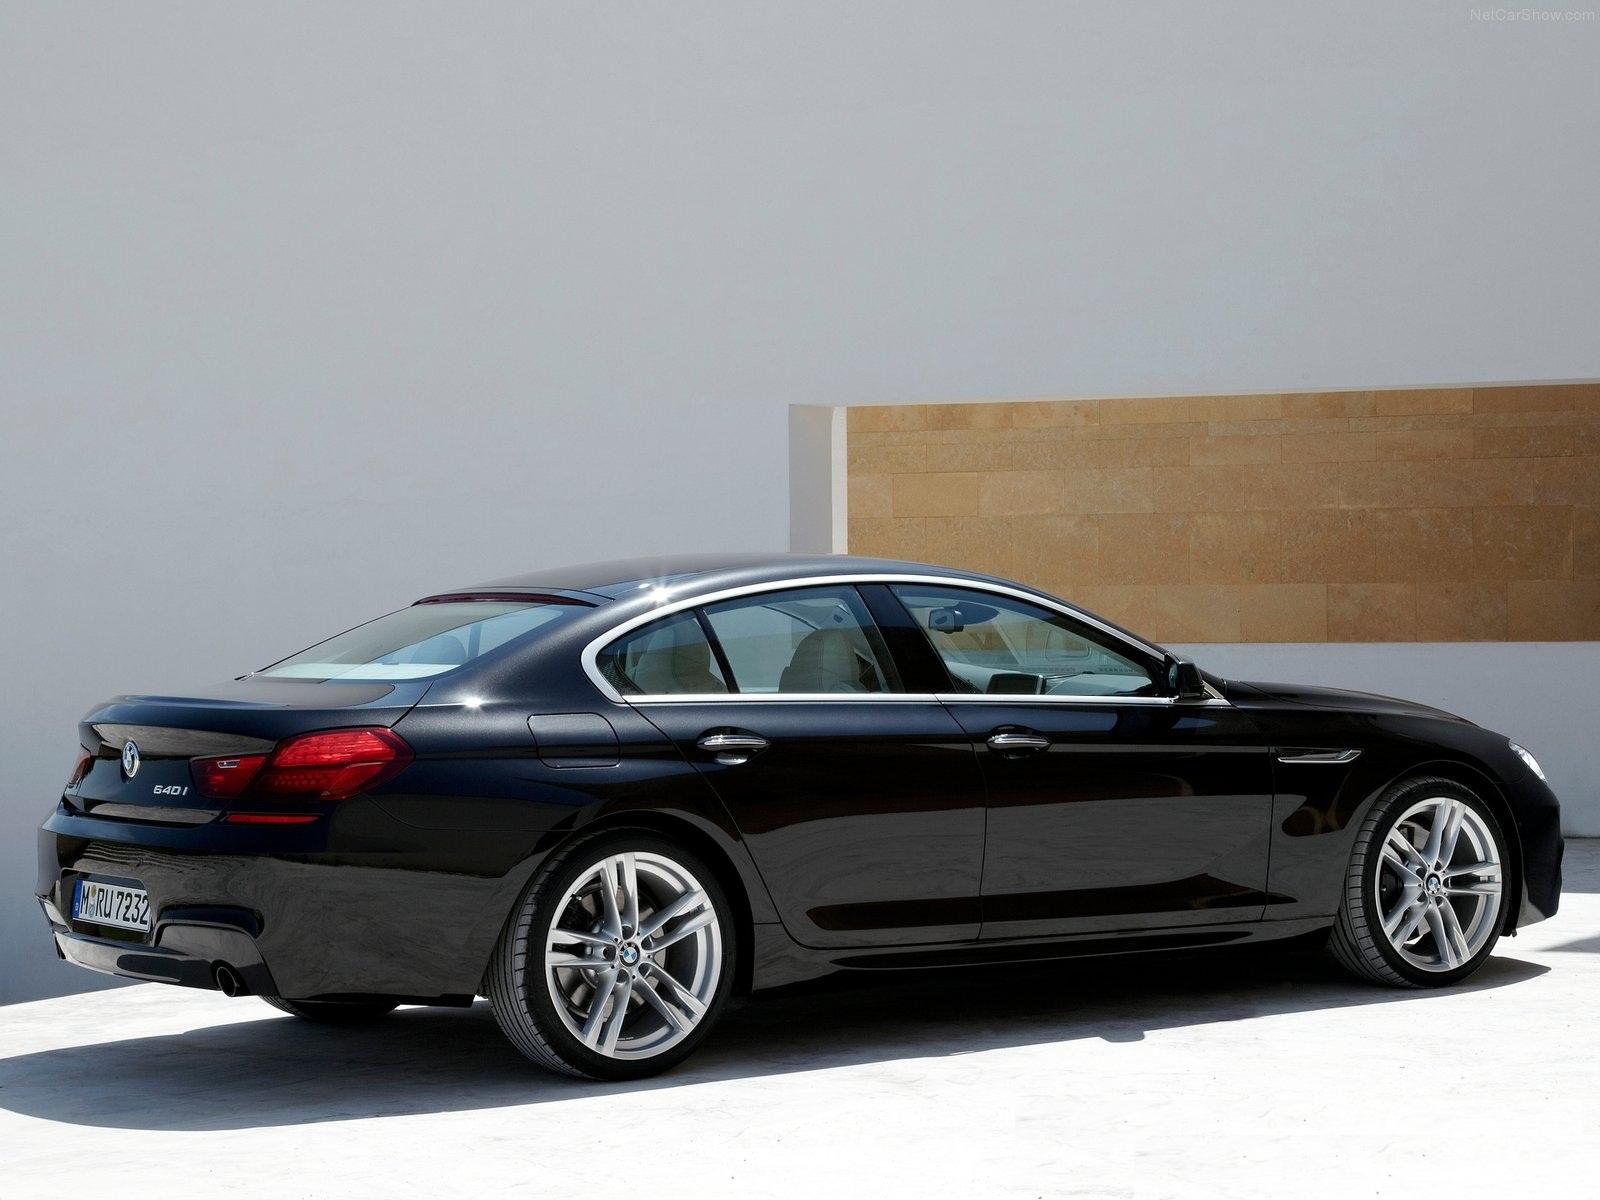 http://3.bp.blogspot.com/-LaNSrwxSRnA/T7oqF1KEGAI/AAAAAAAADpI/nPNmwc6I-Dk/s1600/BMW-6-Series_Gran_Coupe_2013_1600x1200_wallpaper_85.jpg